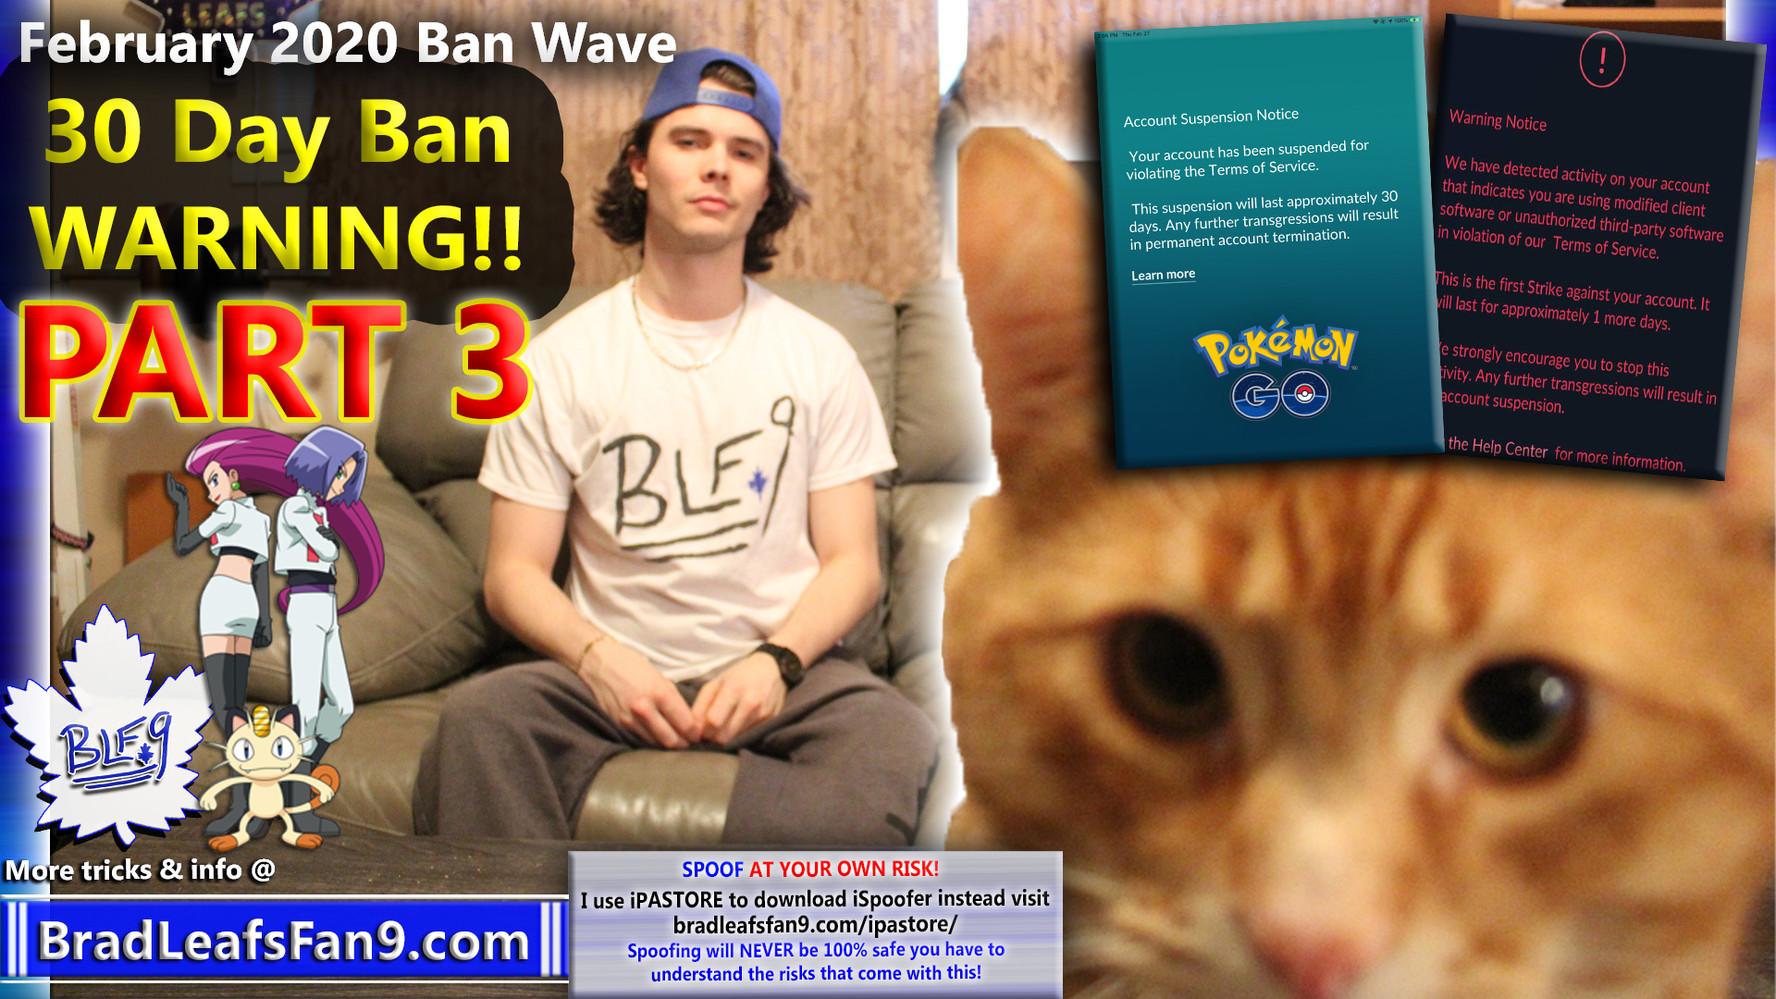 FEB 2020 Ban Wave Part 3